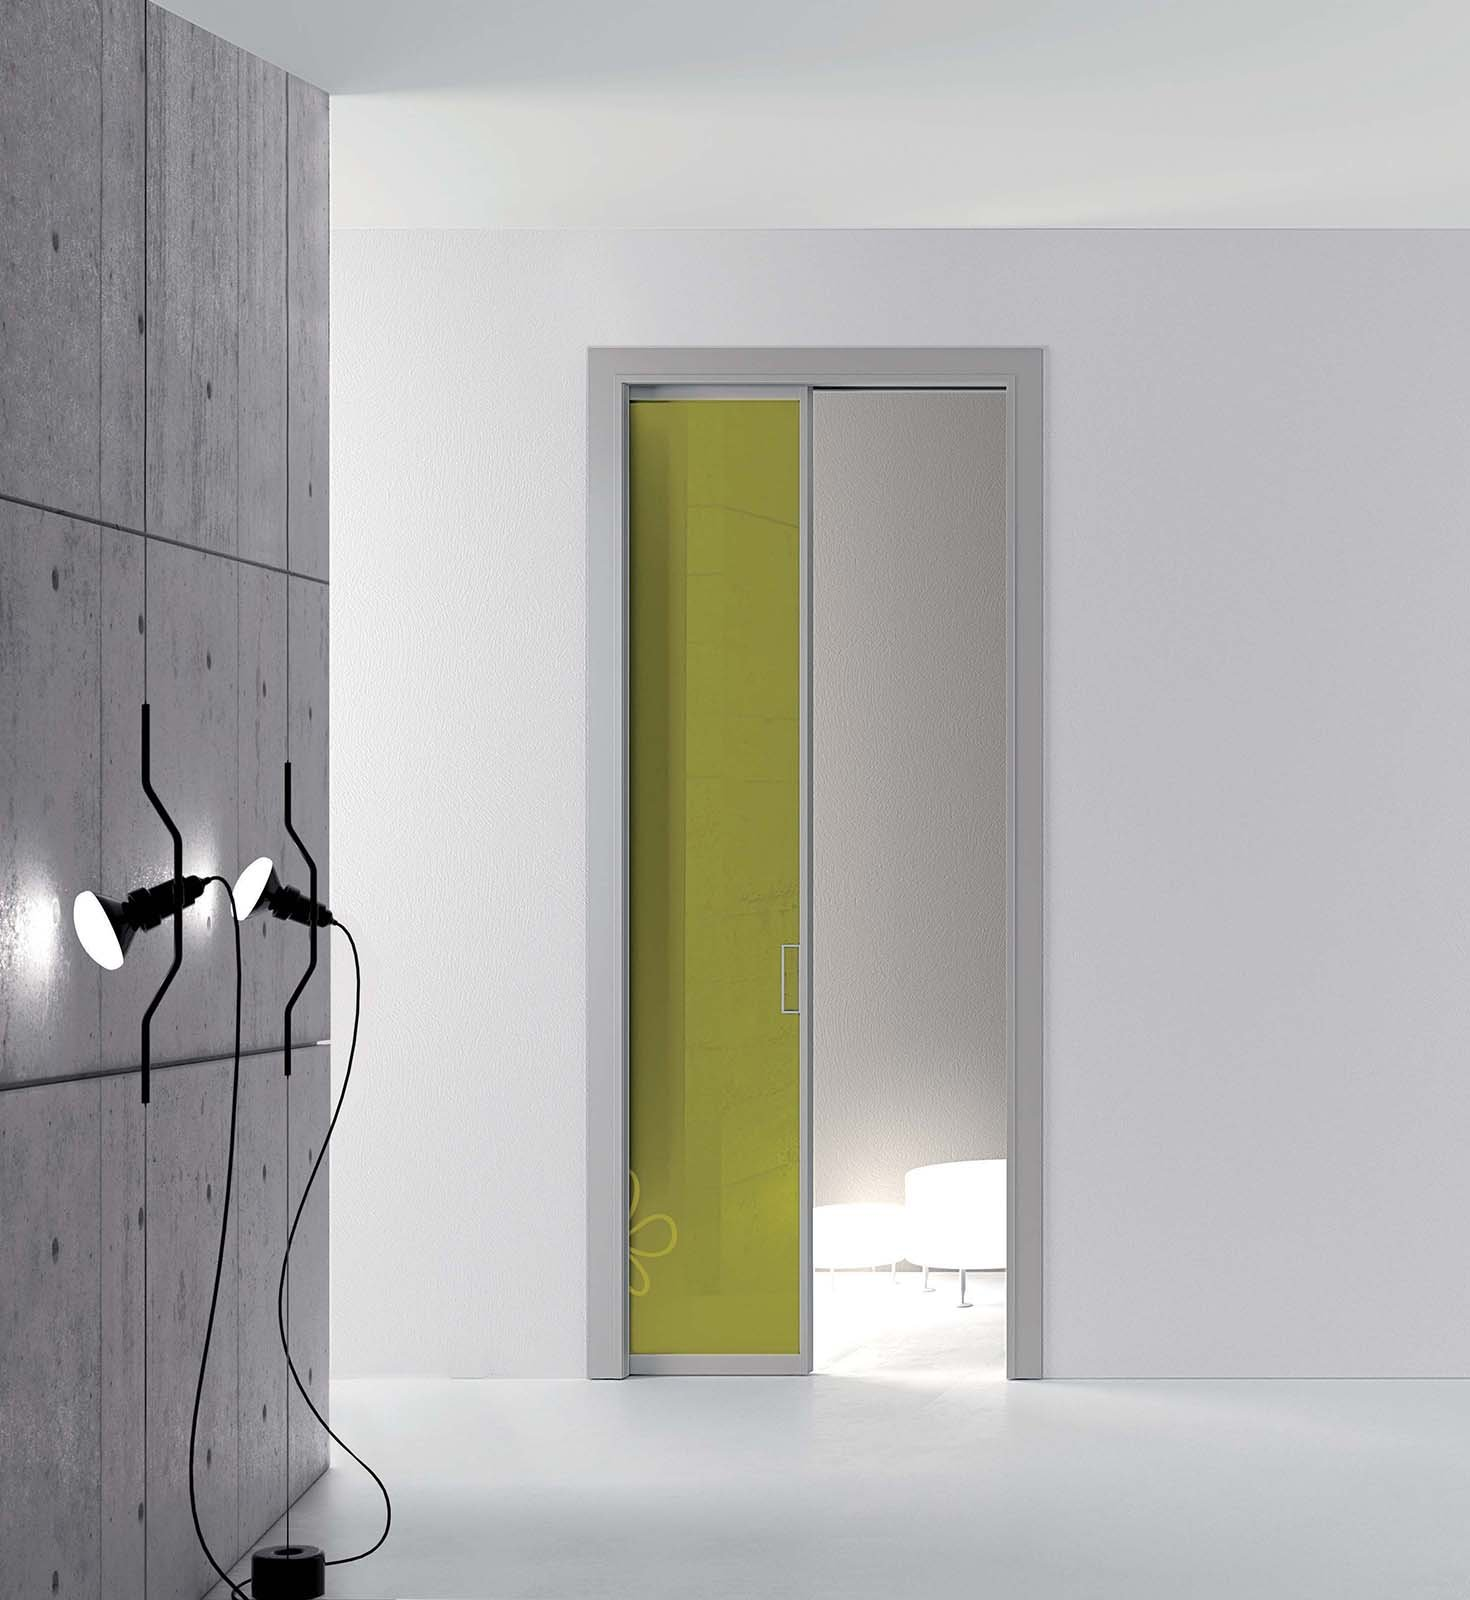 Porte scorrevoli in vetro a scomparsa o esterno muro - Porte scorrevoli a vetri ...